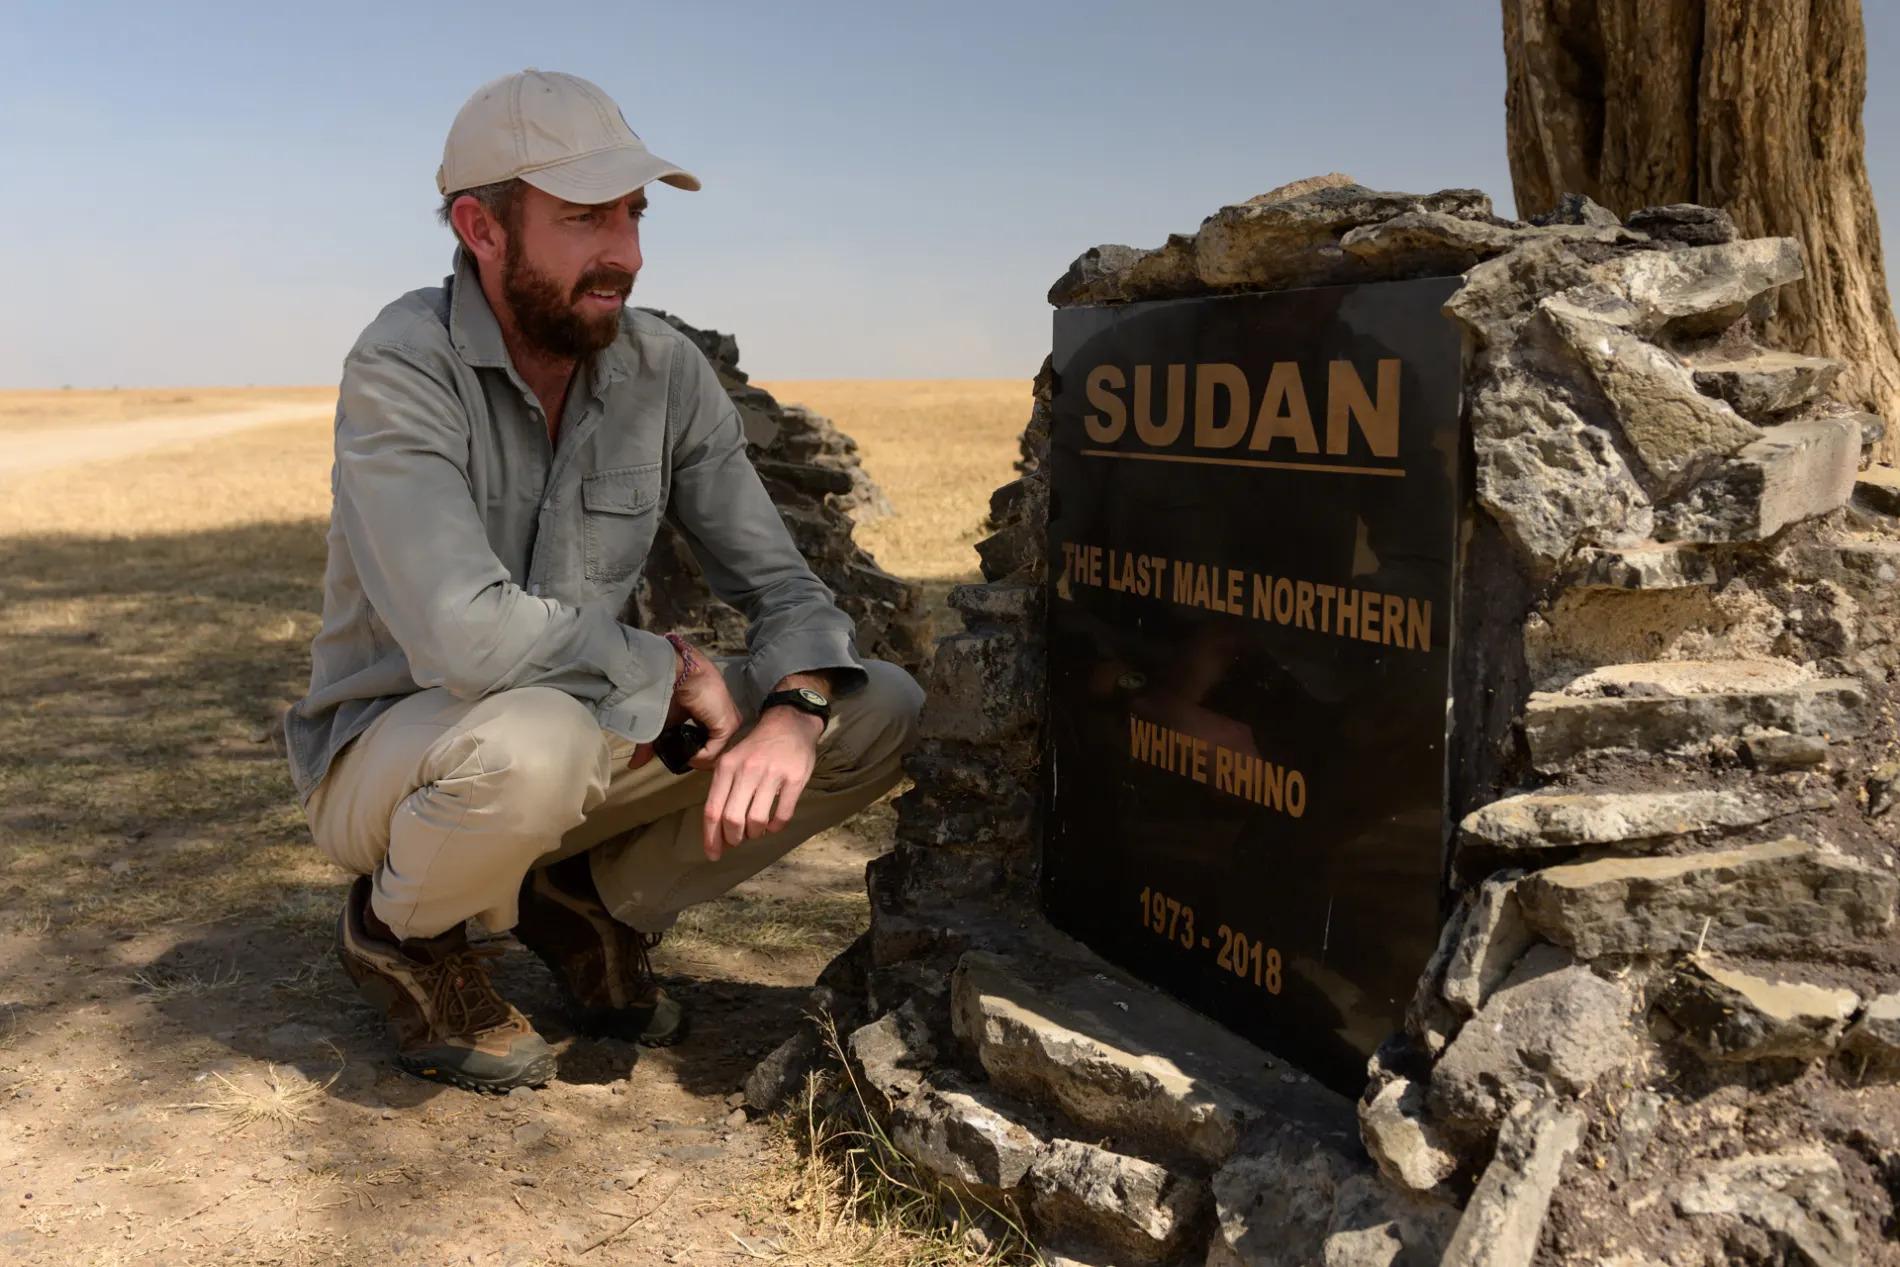 Sudan plaque